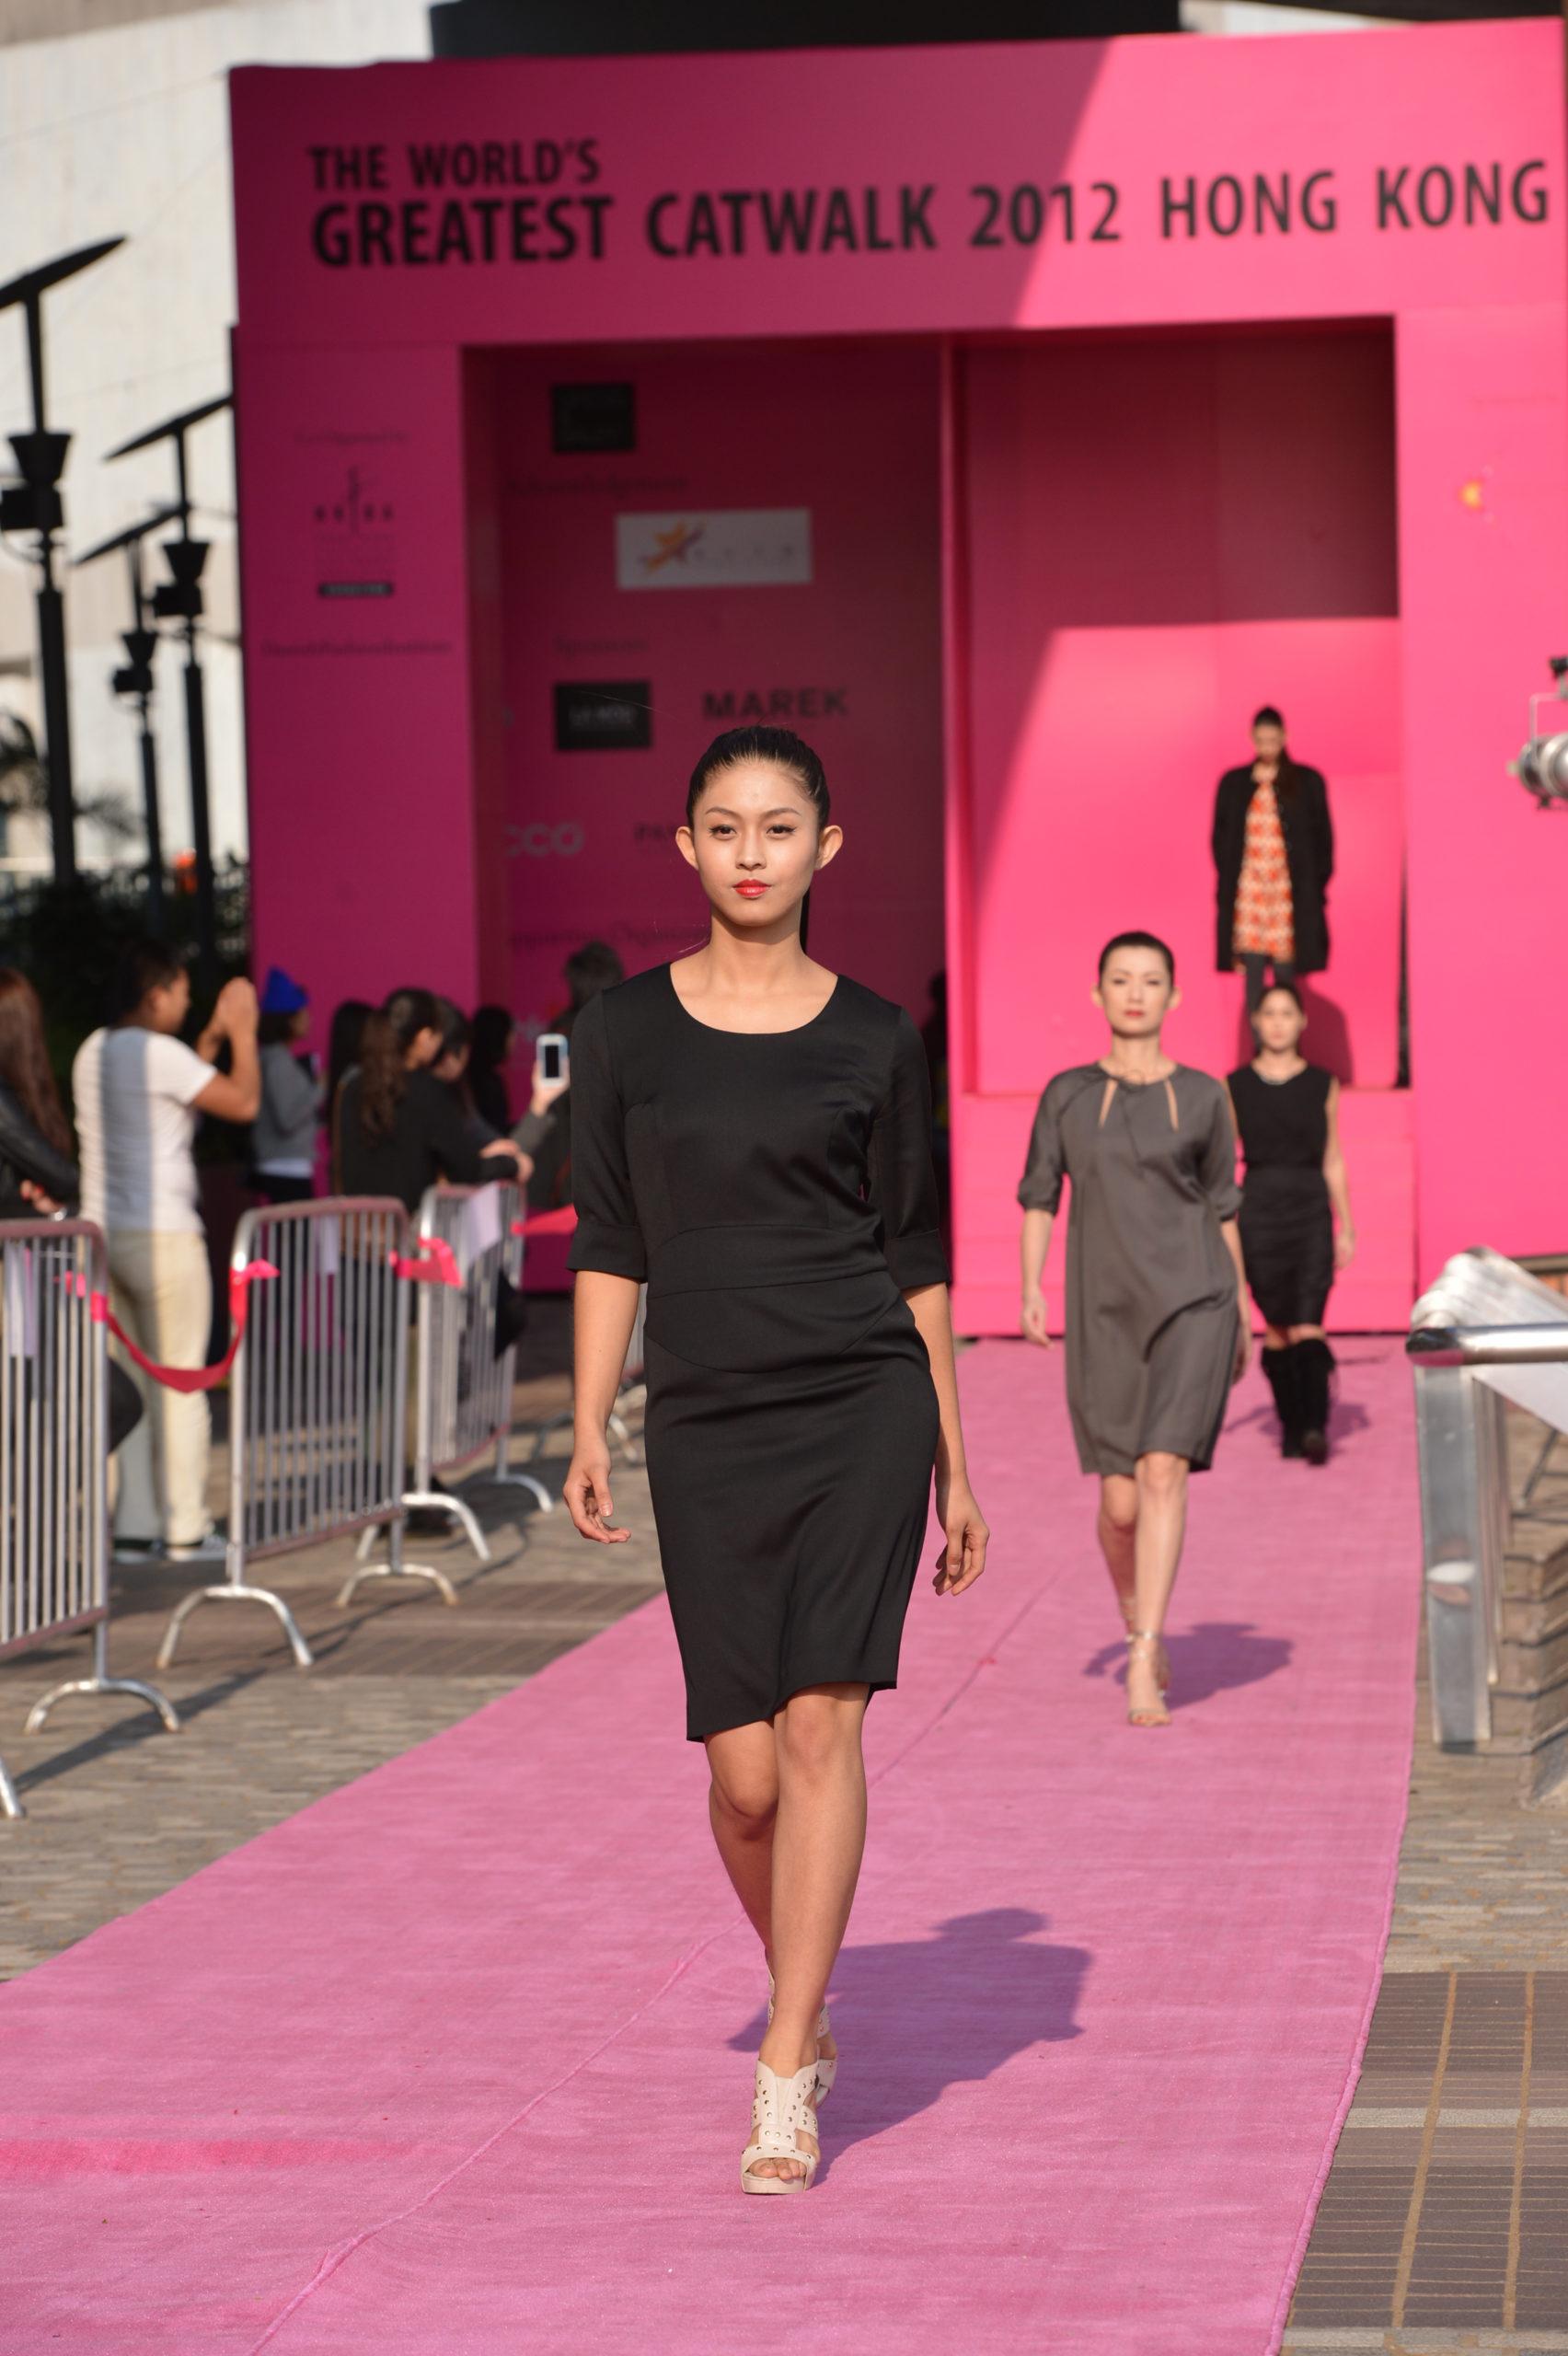 Little black dress. AW13 collection, rachel kollerup